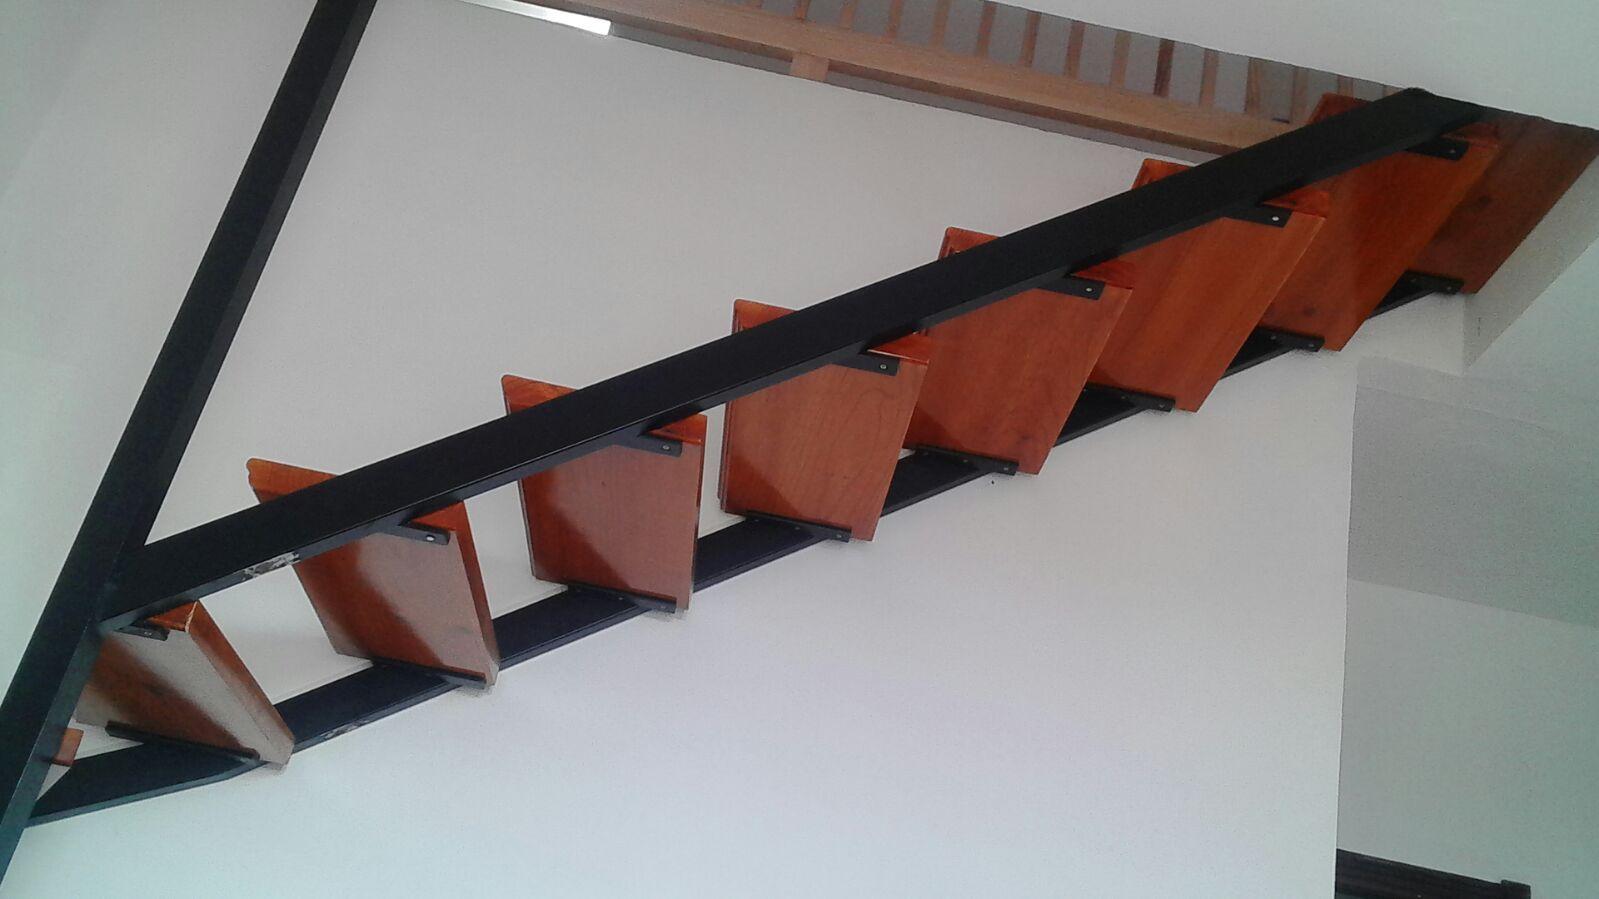 Fabricamos escaleras de hierro en Tenerife